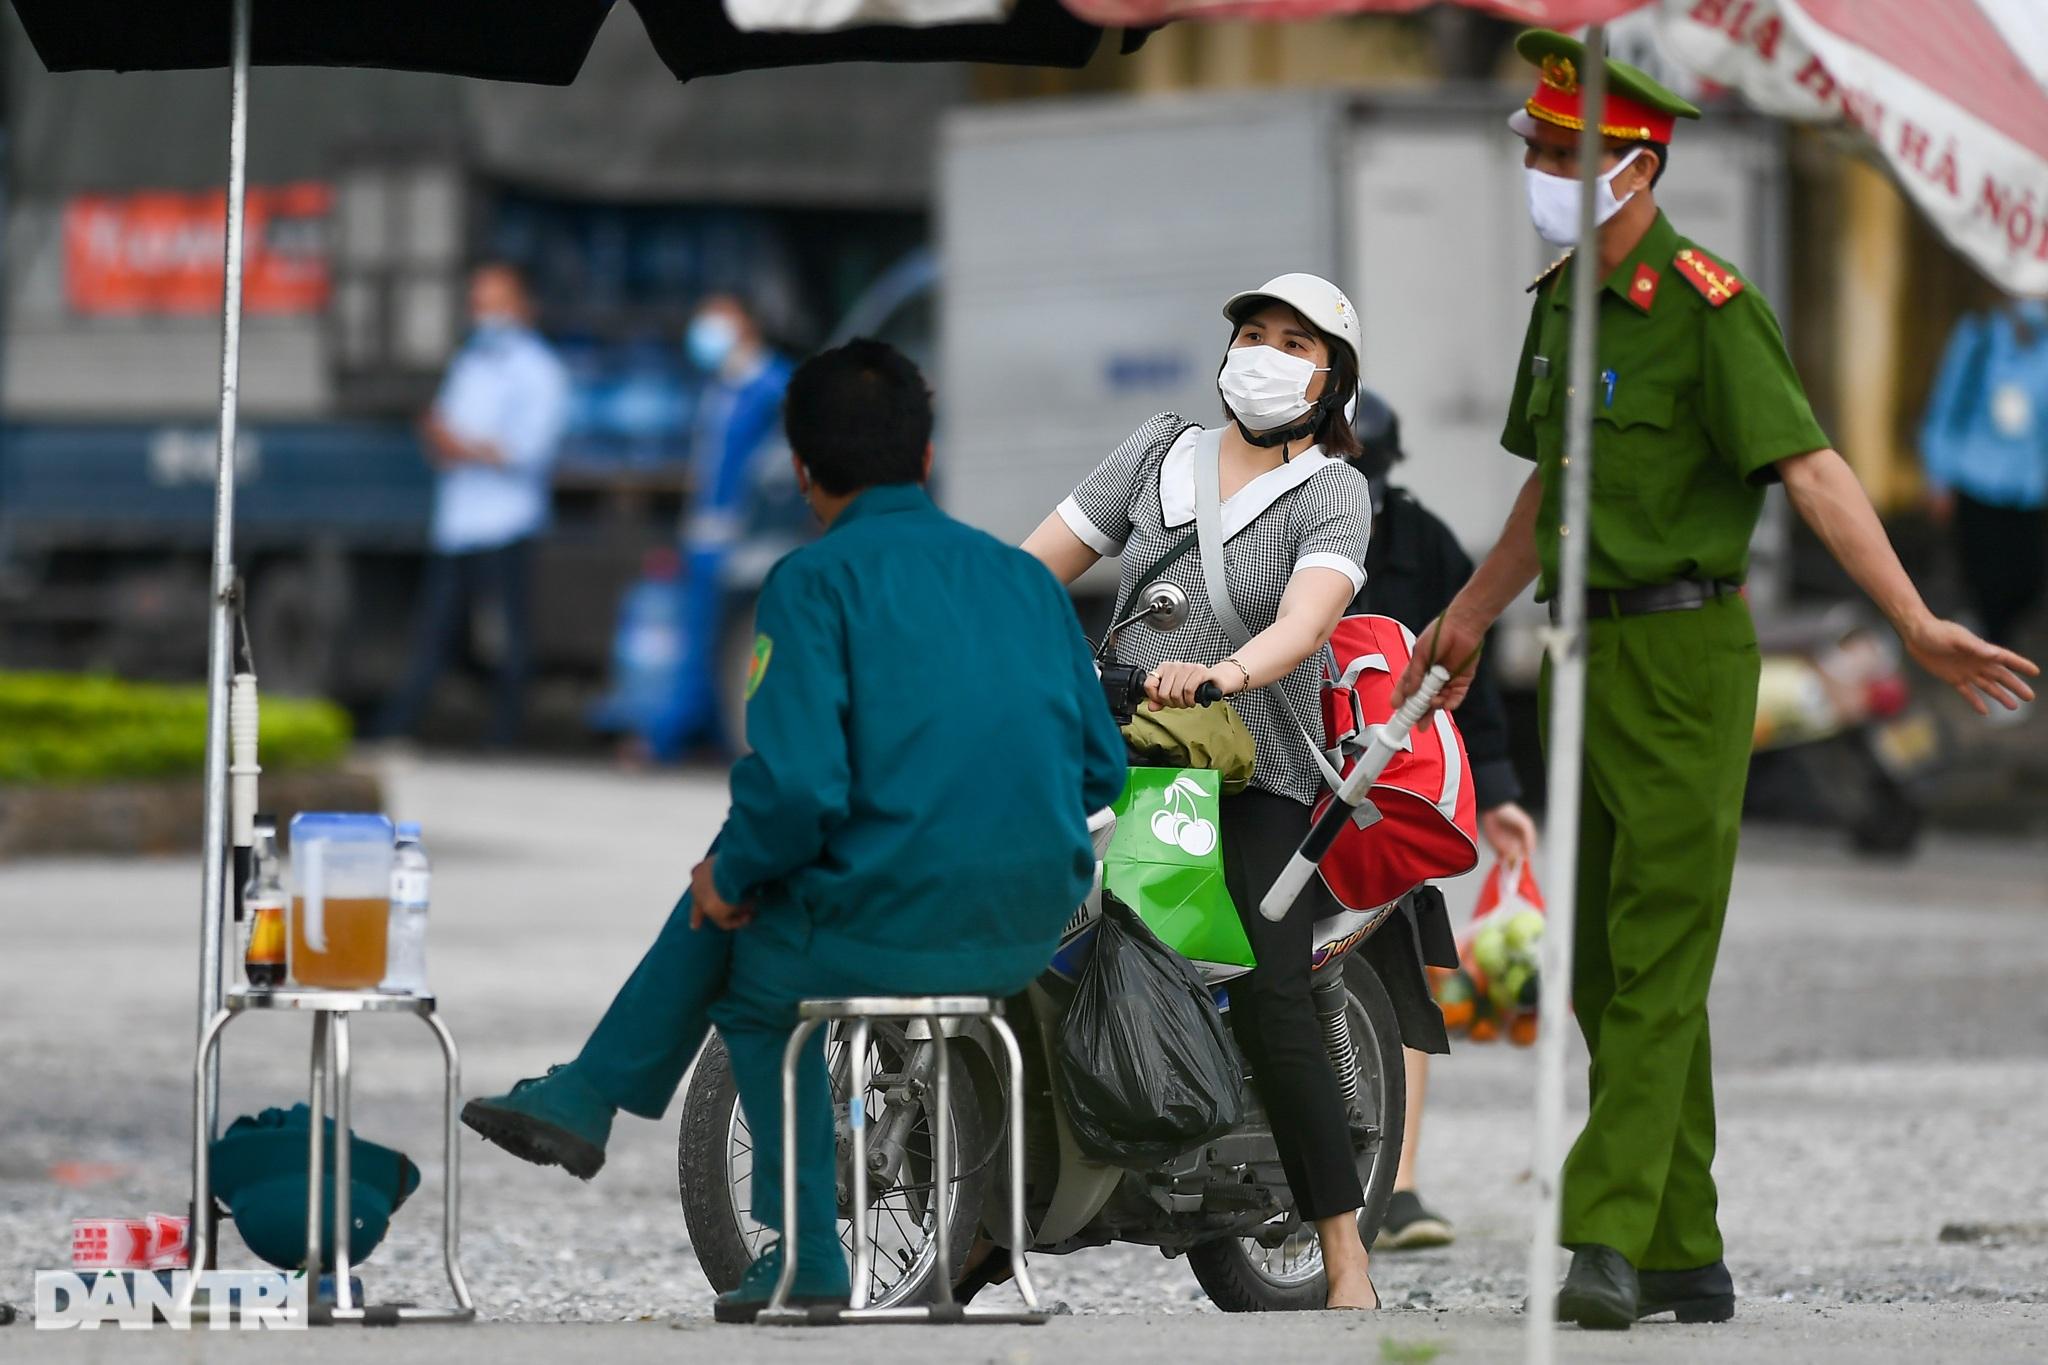 Nội bất xuất, ngoại bất nhập khi phong tỏa Bệnh viện Bệnh Nhiệt đới TƯ 2 - 8